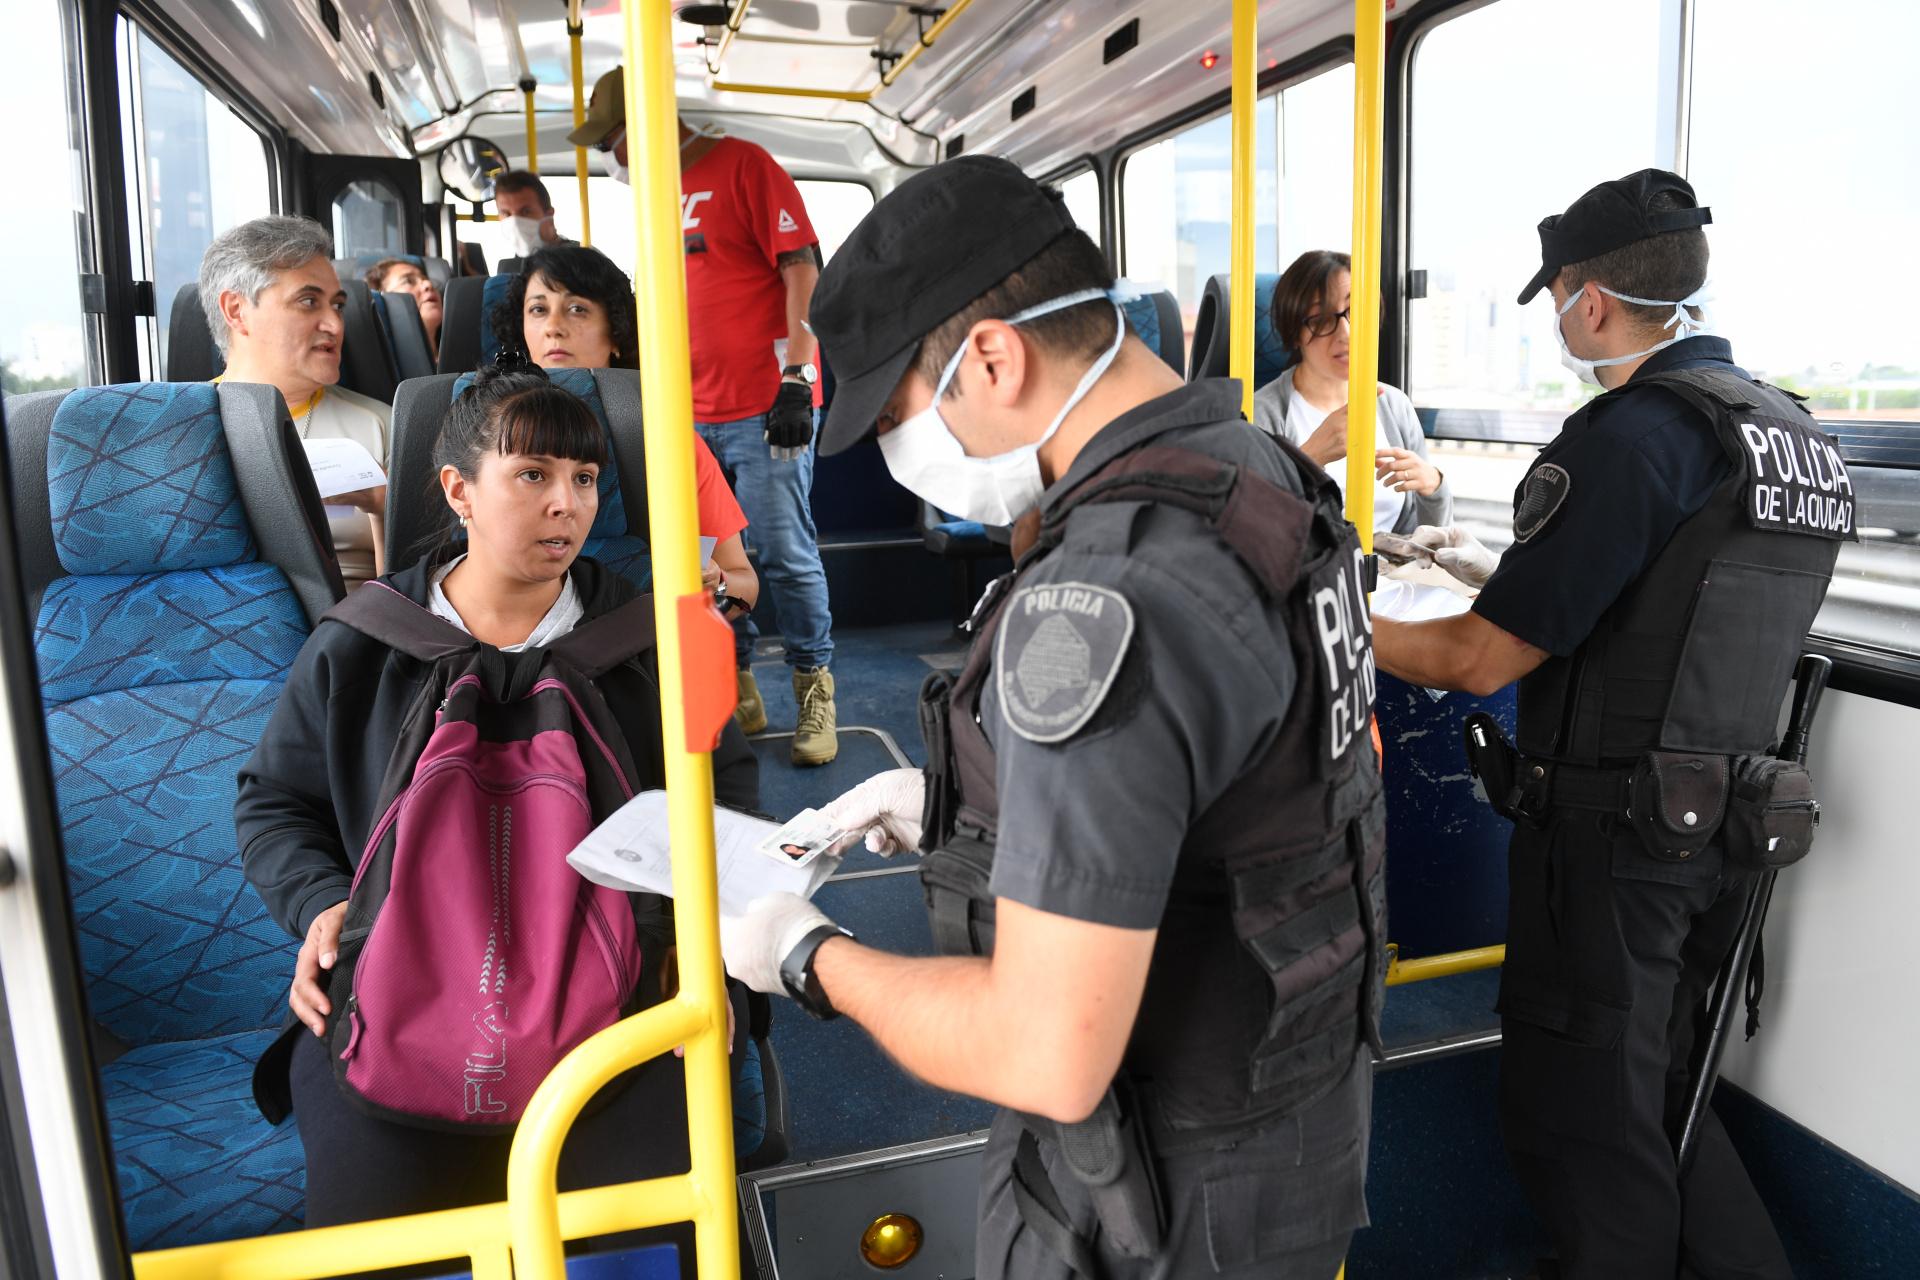 Luego que el gobierno de la ciudad de Buenos Aires cerrara con vallas 56 de los 111 accesos desde la provincia, quedaron sólo 13 habilitados para que la gente pudiera pasar esa frontera. Y el resto quedaron liberados para personal de Seguridad y Sanitario. En el Puente Pueyrredón, el control se hizo hasta sobre los ómnibus de pasajeros. En pocos días, la cantidad de personas que se trasladaron bajó en forma abrupta. Por no respetar las restricciones de la cuarentena, 1.700 personas fueron detenidas.